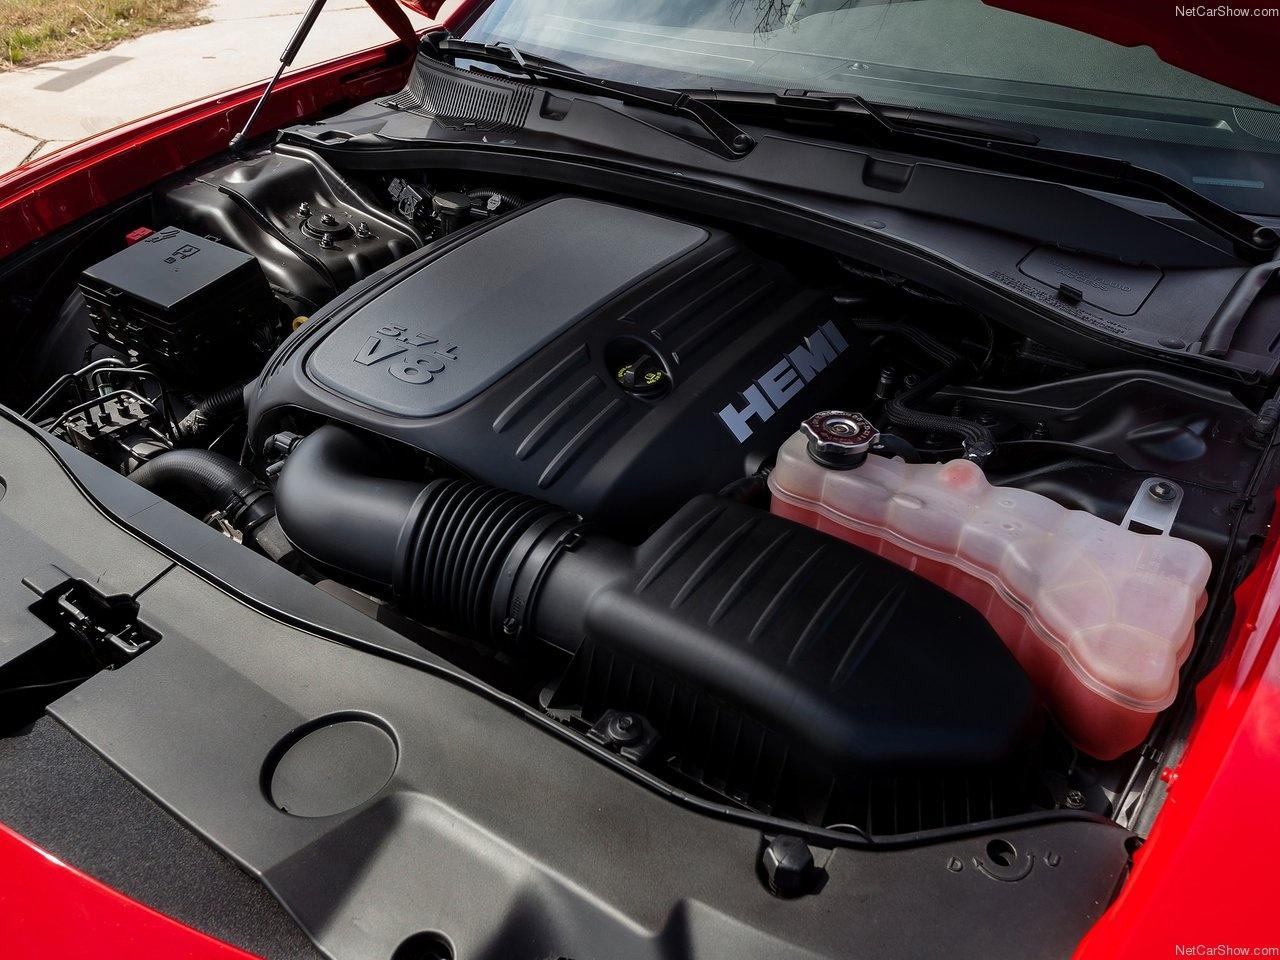 خودروی غافلگیرکننده چارجر 2015 به مناسبت صدمین سالگرد فعالیت دوج